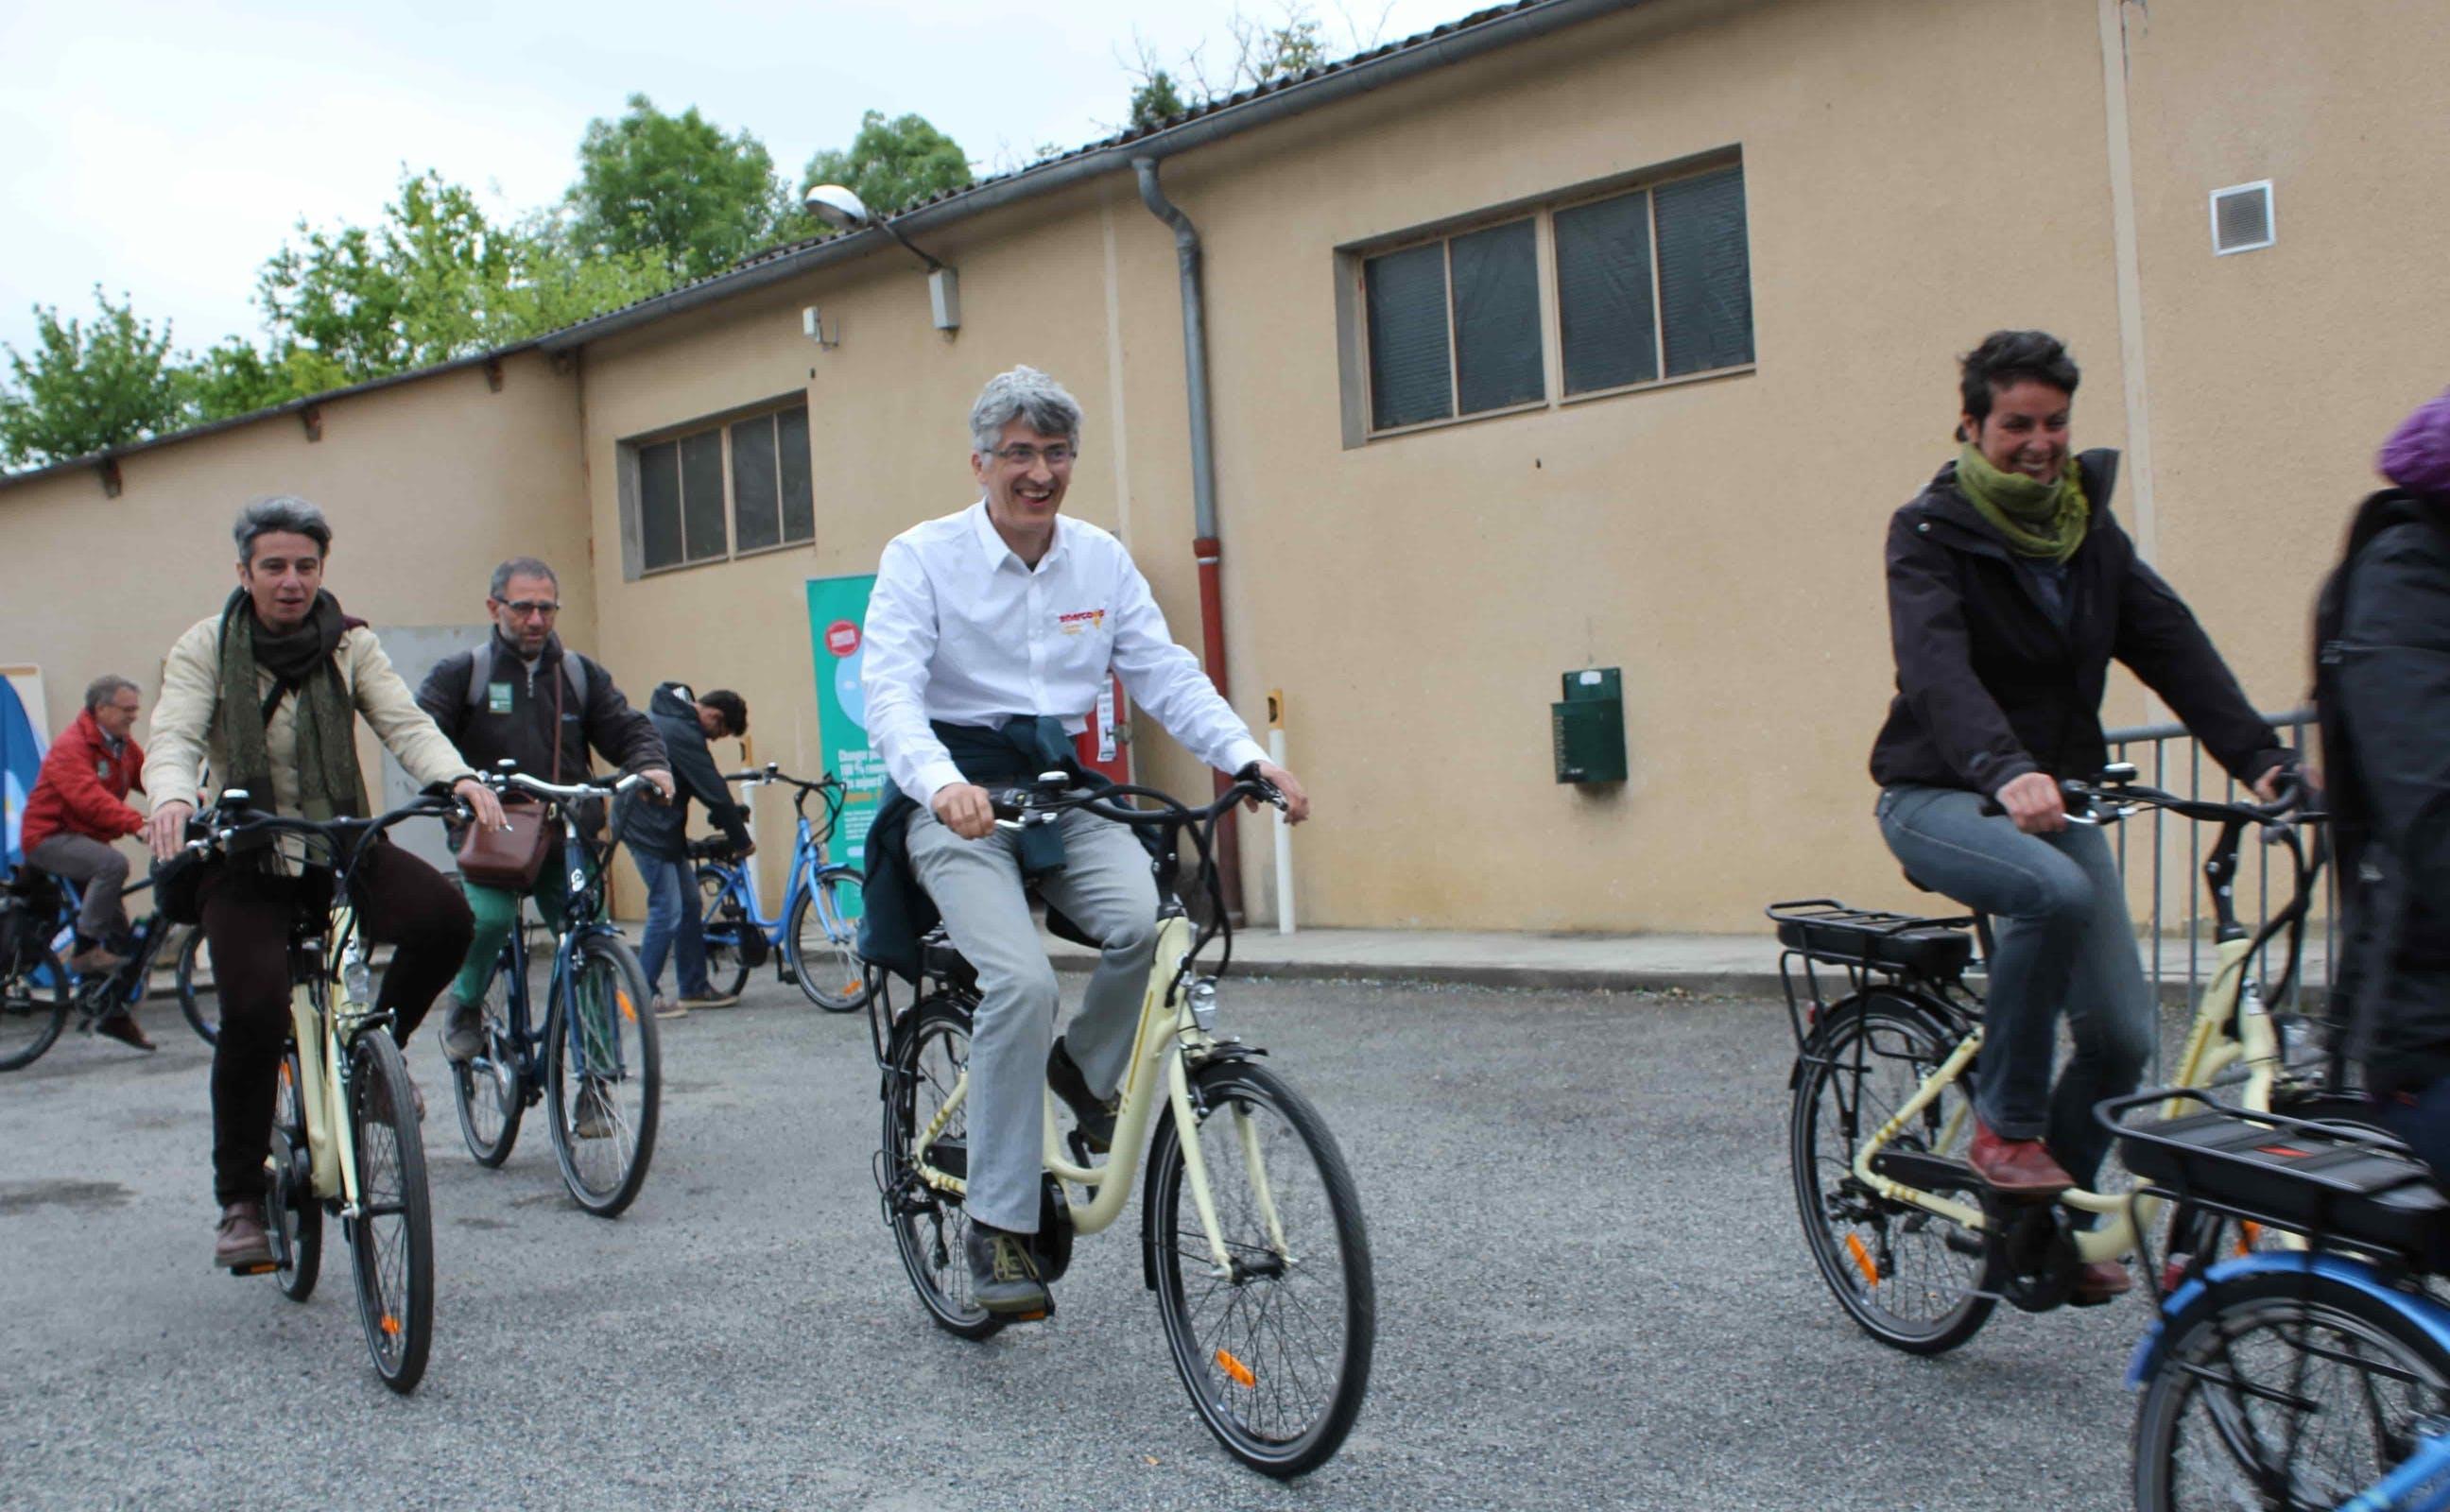 Sociétaires se rendant à vélo au parc de Montéchut